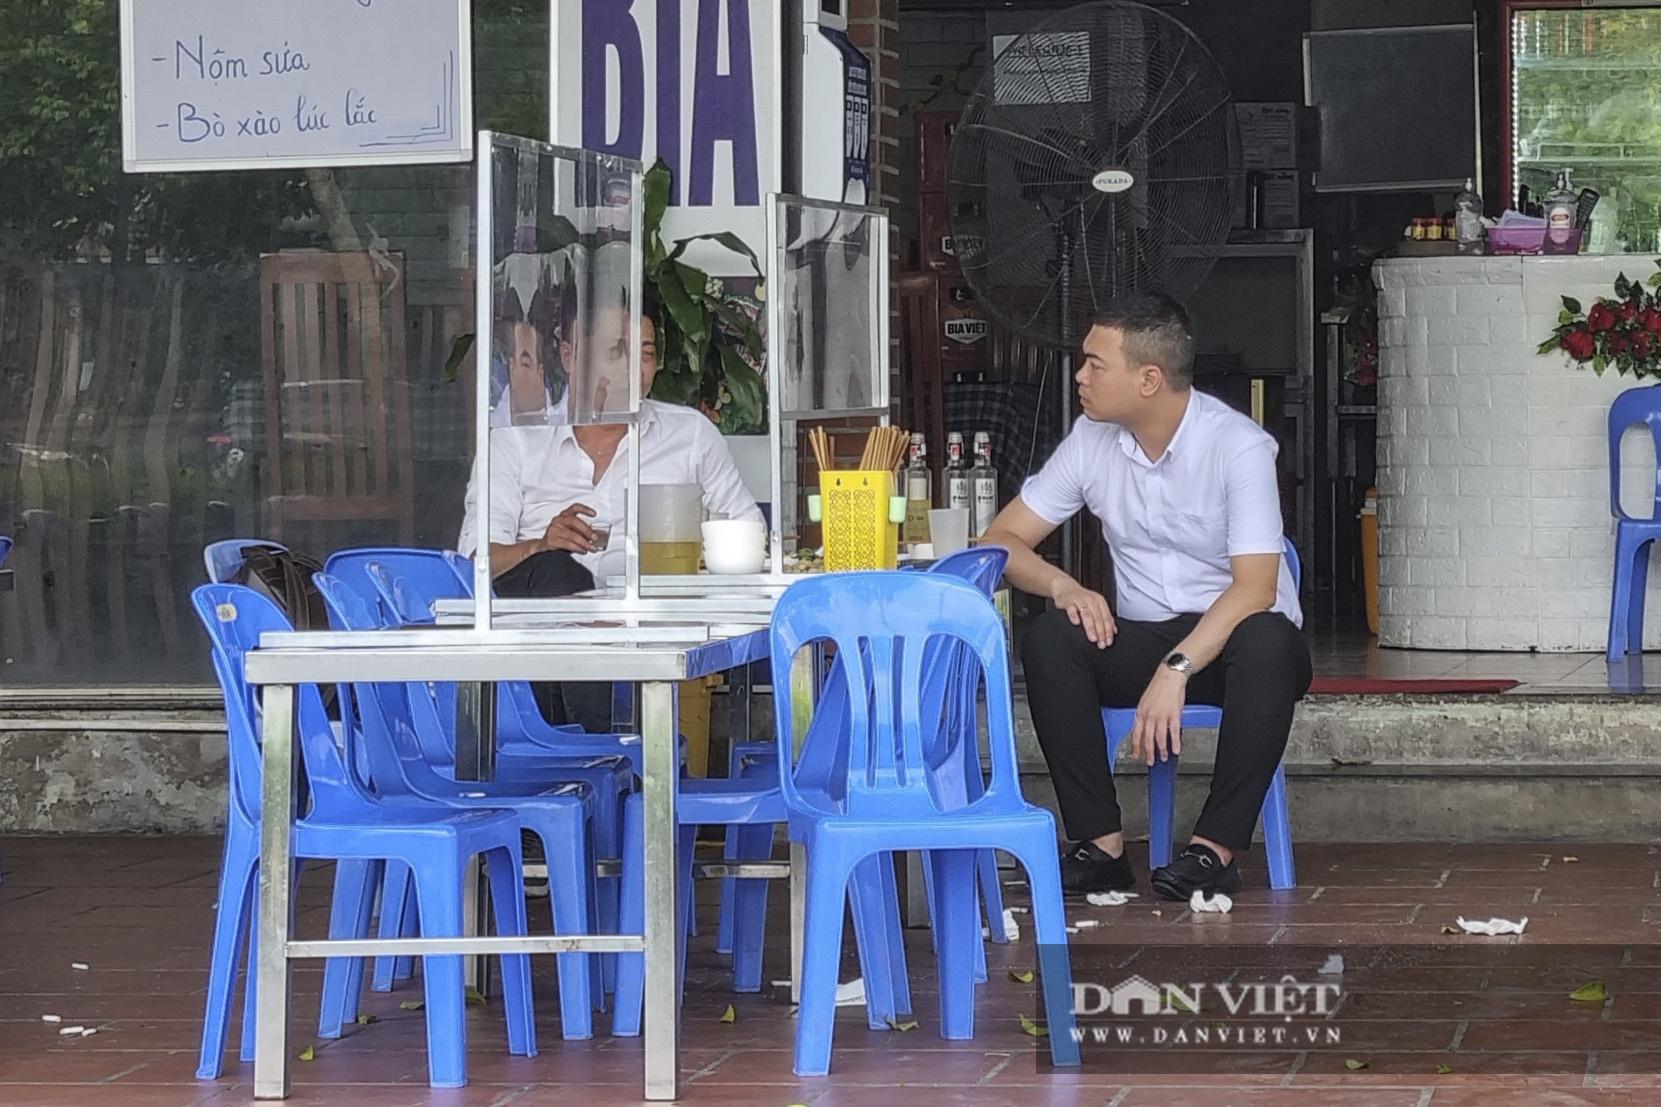 Hà Nội: Nhà hàng, quán cà phê, trà đá vỉa hè nơi chấp hành tốt, nơi vẫn ngang nhiên hoạt động  - Ảnh 5.